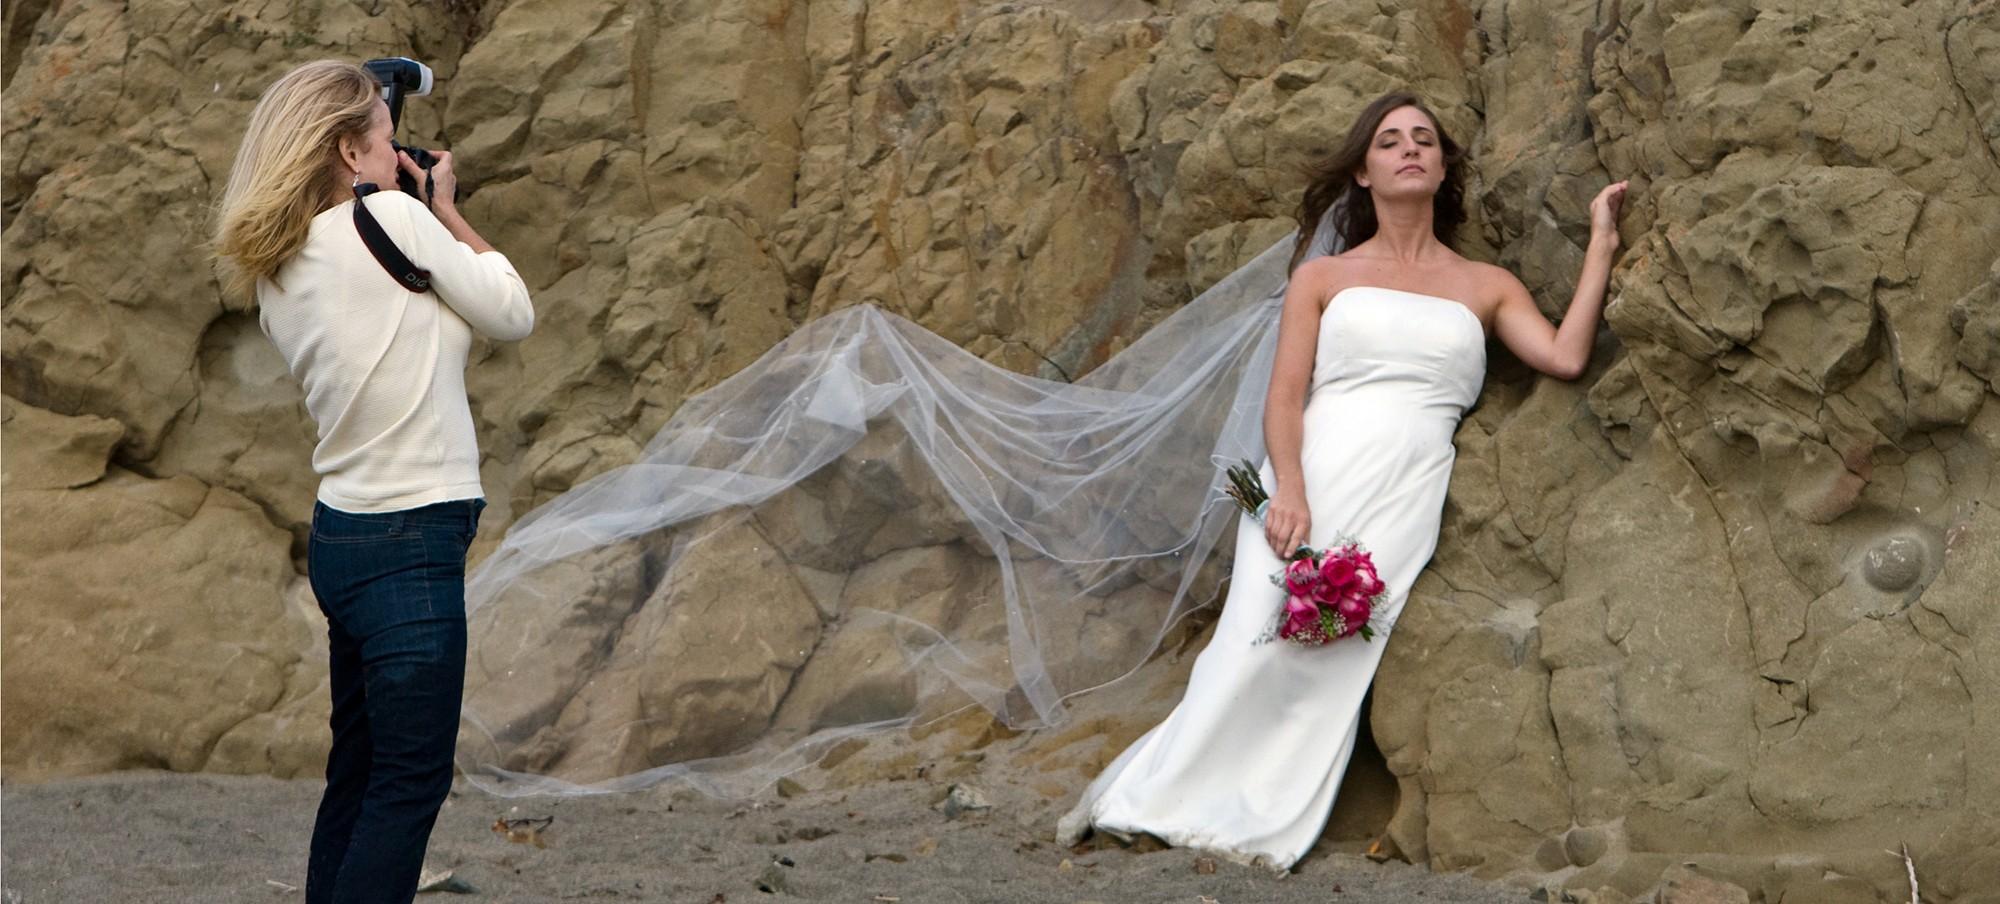 أفكار مميزة لصور حفلات الزفاف